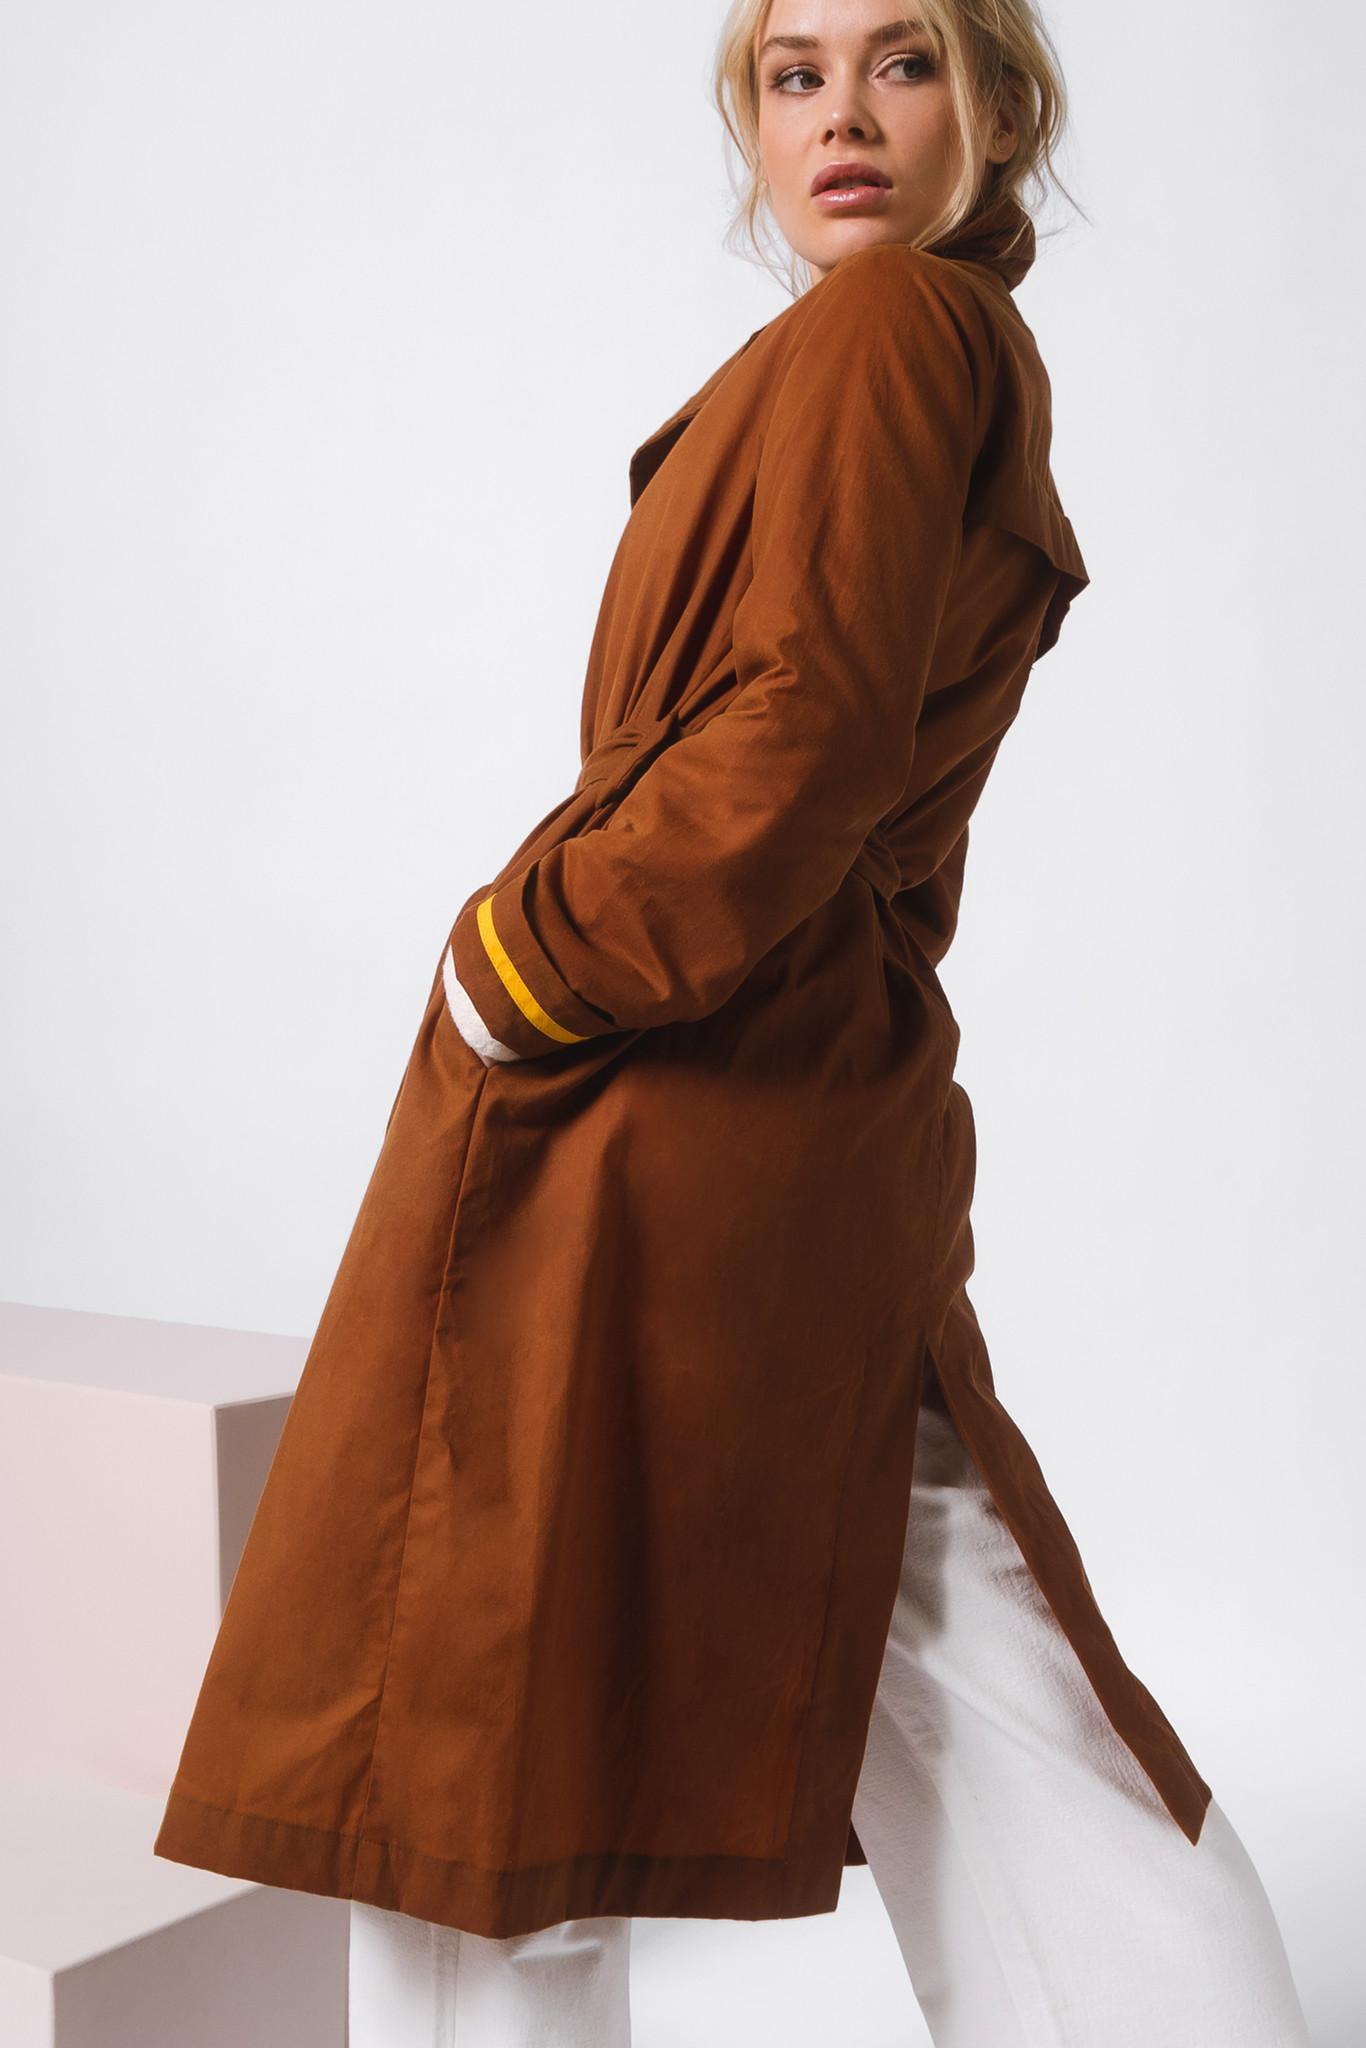 Mantel aus gewachster Bio-Baumwolle- Rostbraun-2